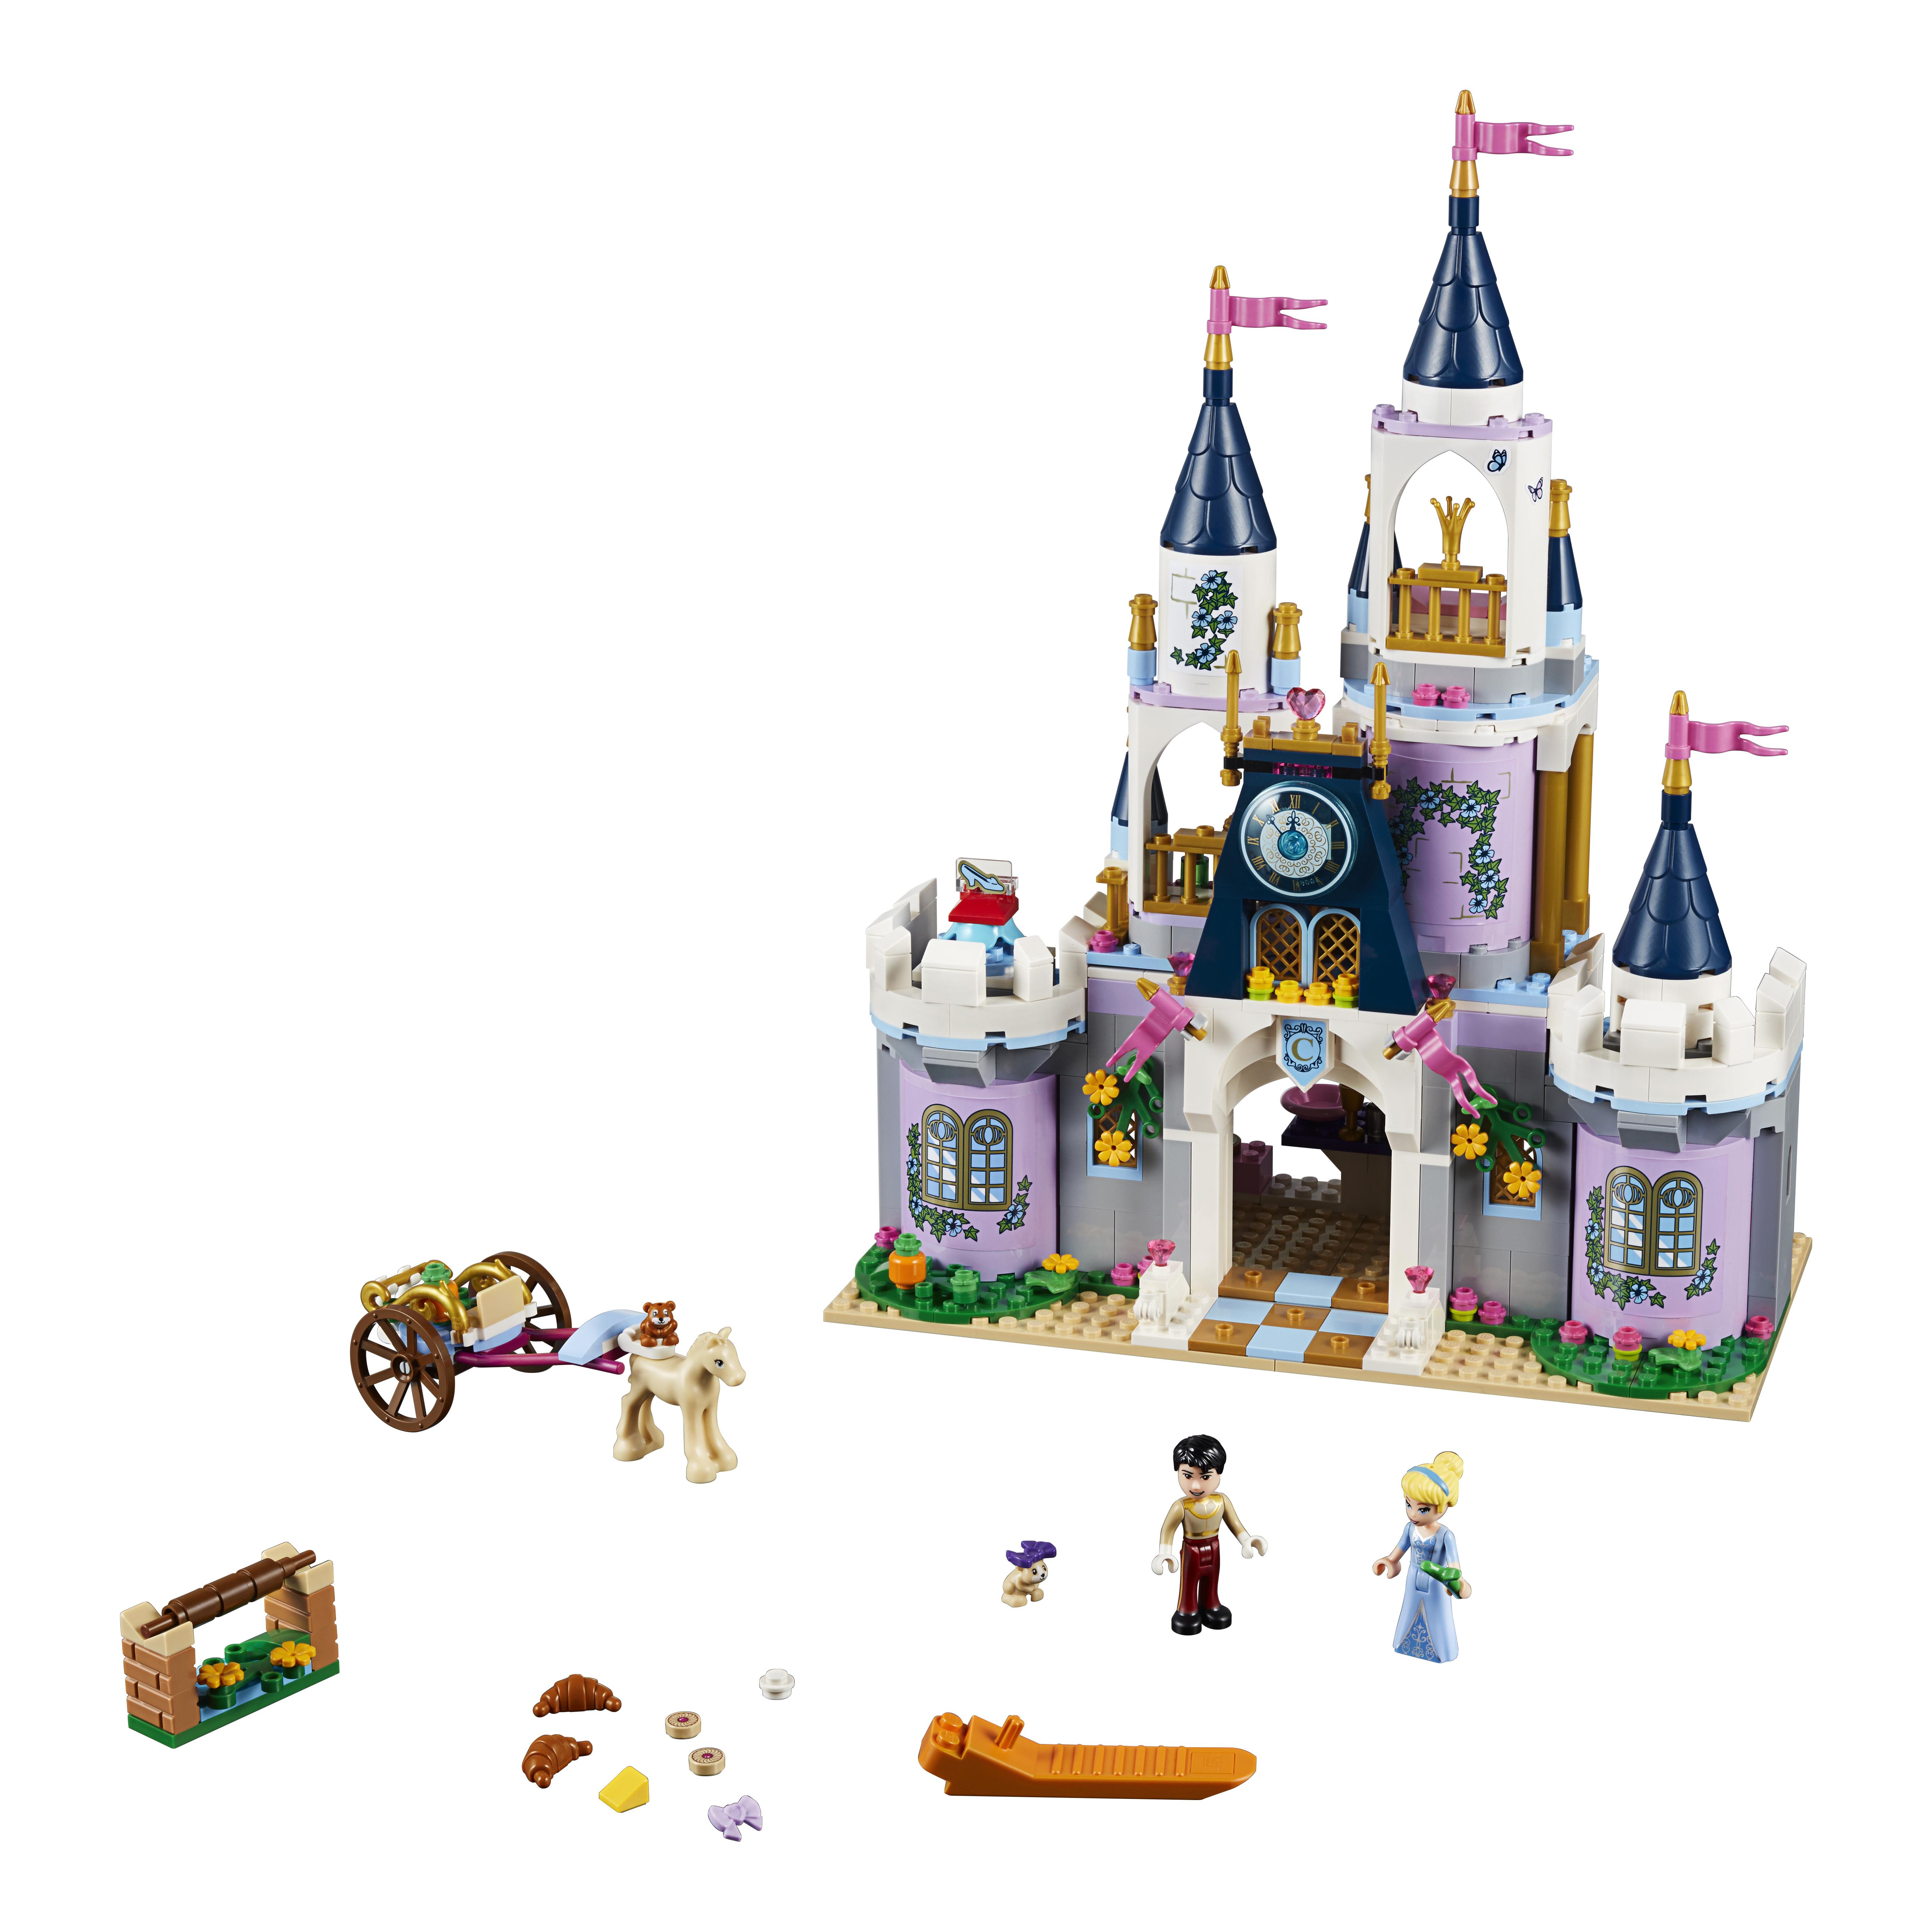 Конструктор LEGO Disney Princess Волшебный замок Золушки (41154) фото